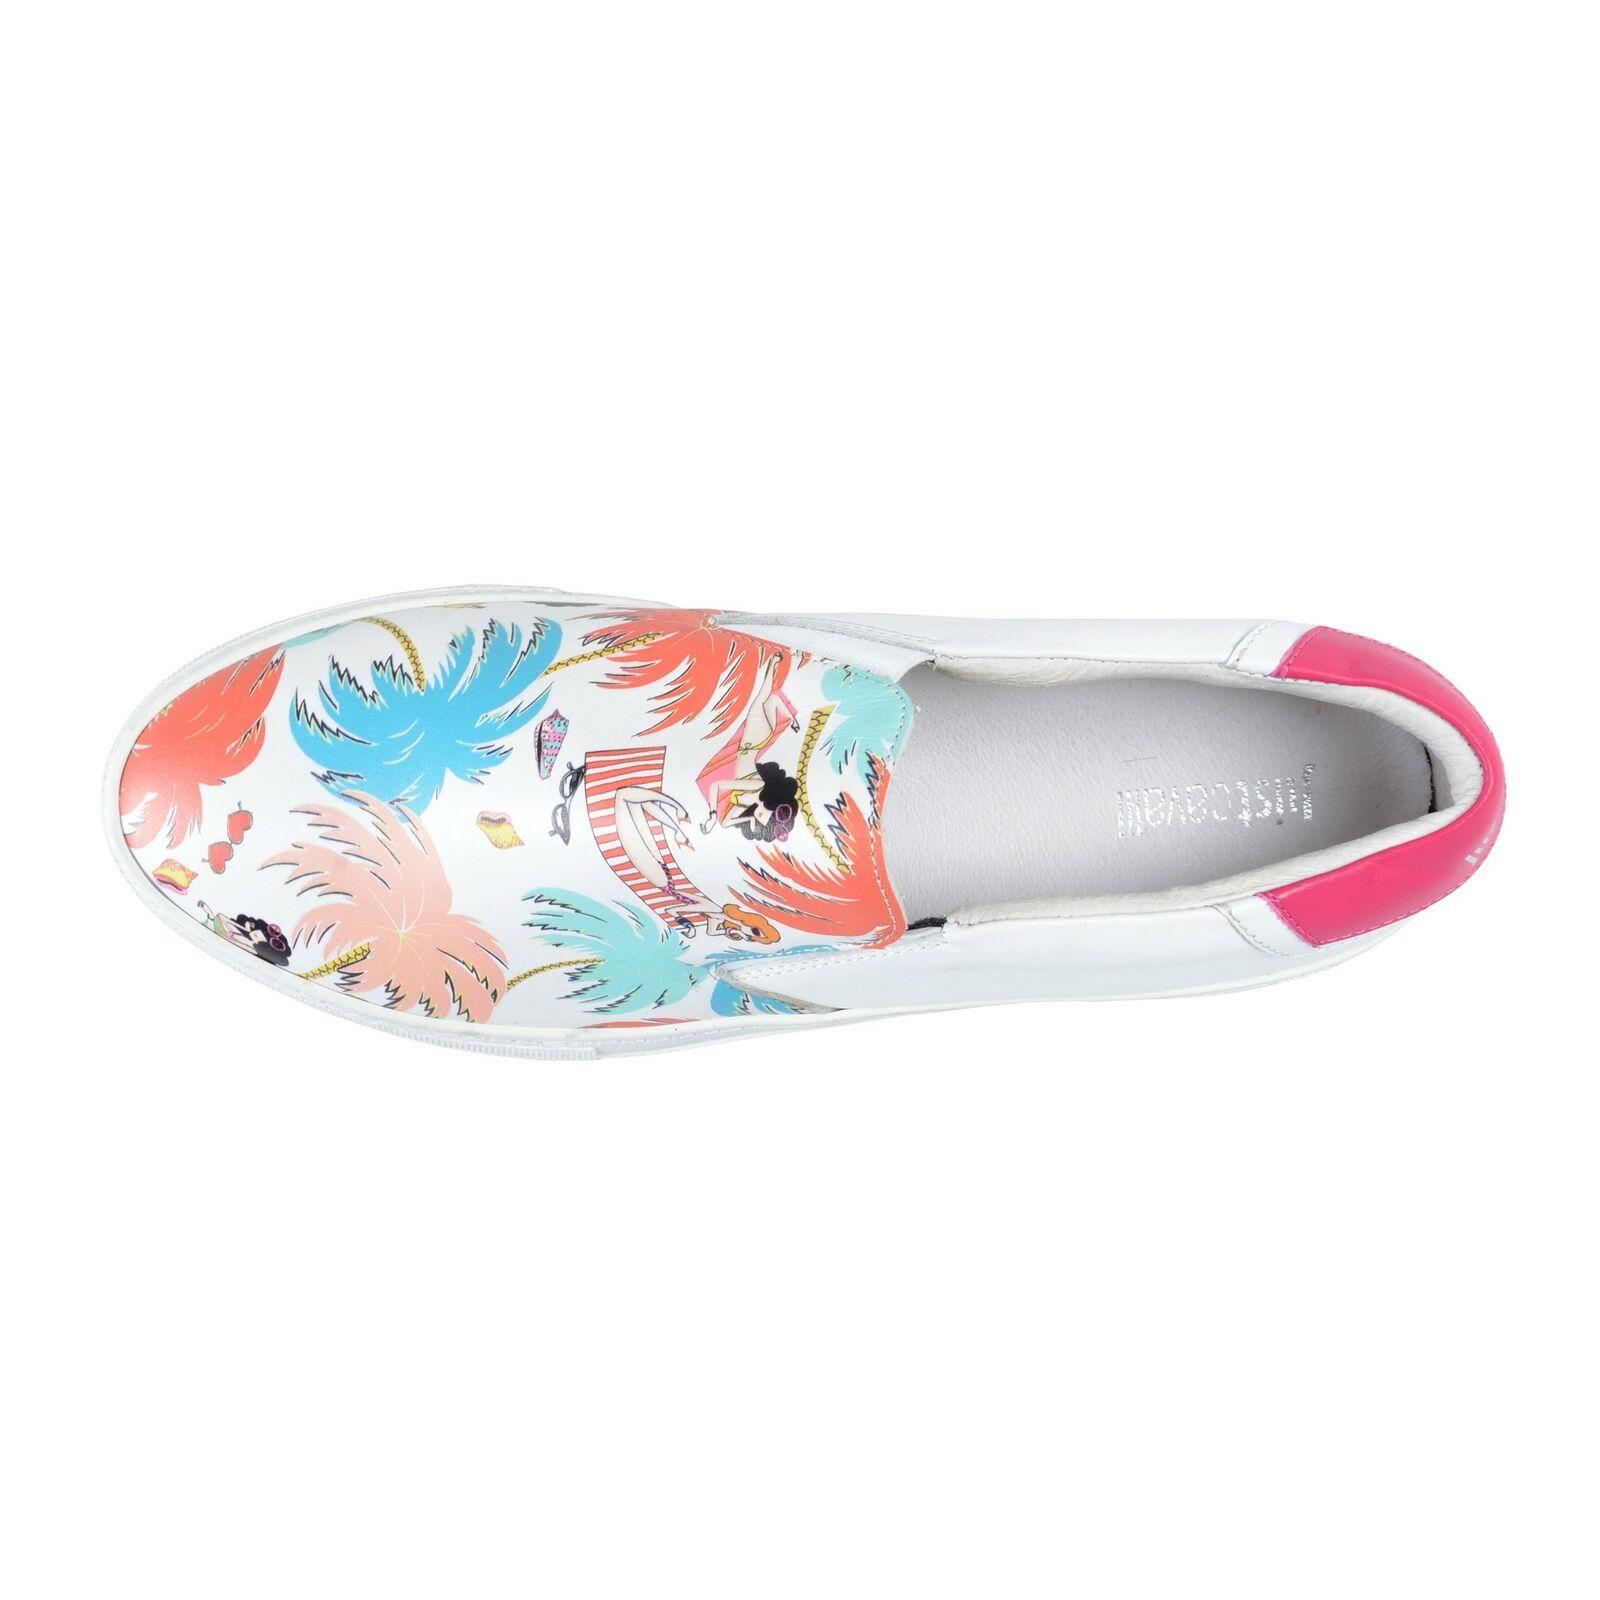 Just Cavalli mujer cuero antideslizante en mocasines mocasines mocasines zapatos EE. UU. 9 it 39 661439